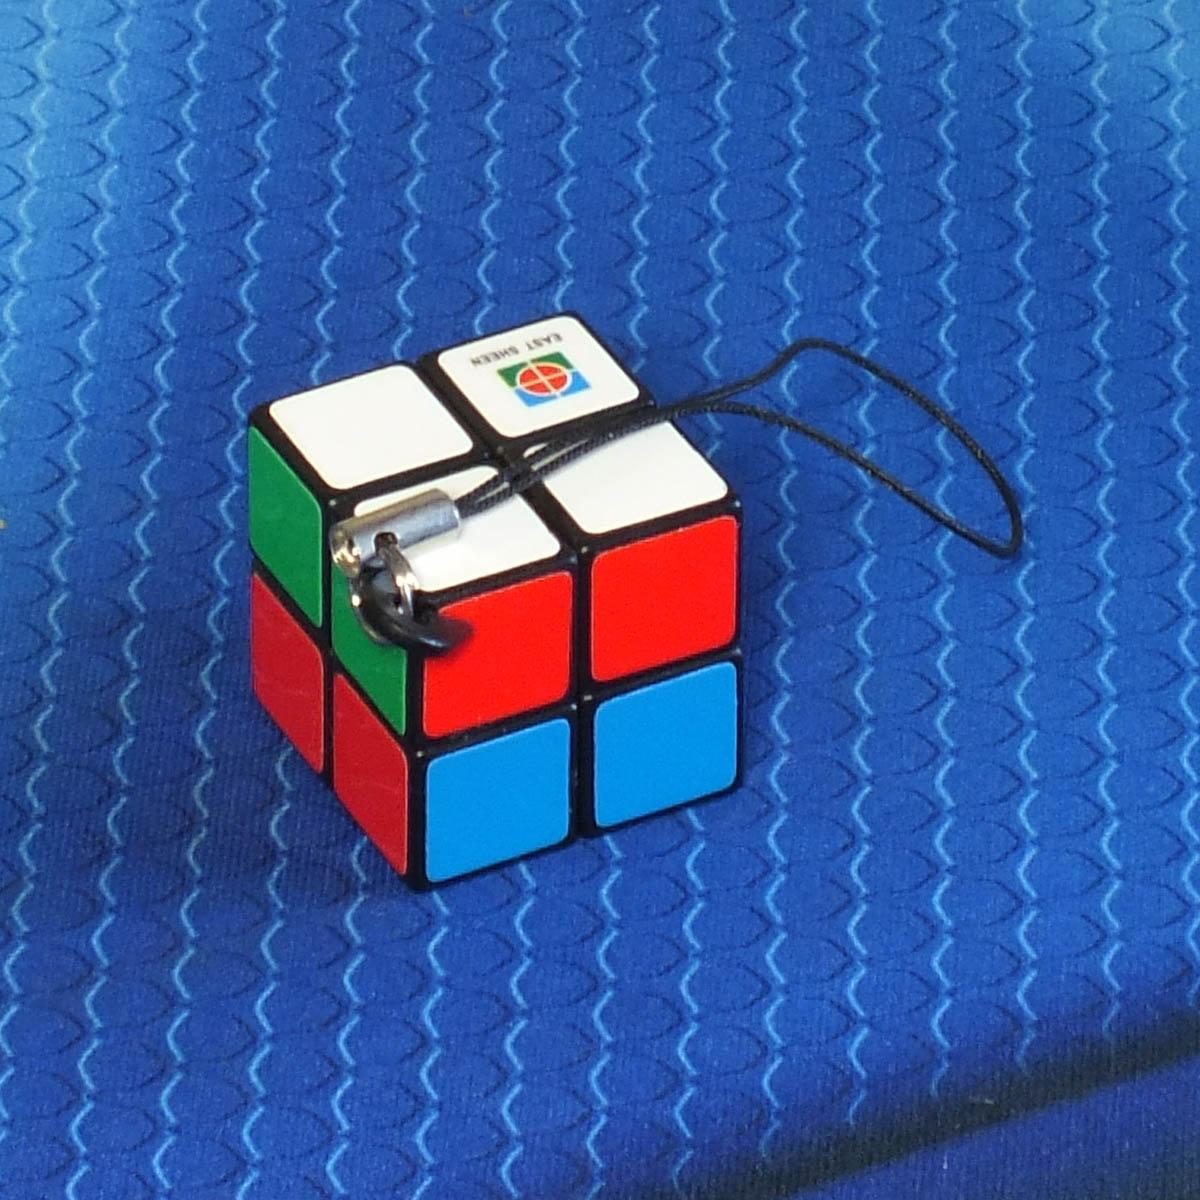 Кубик рубика с фото своими руками 25